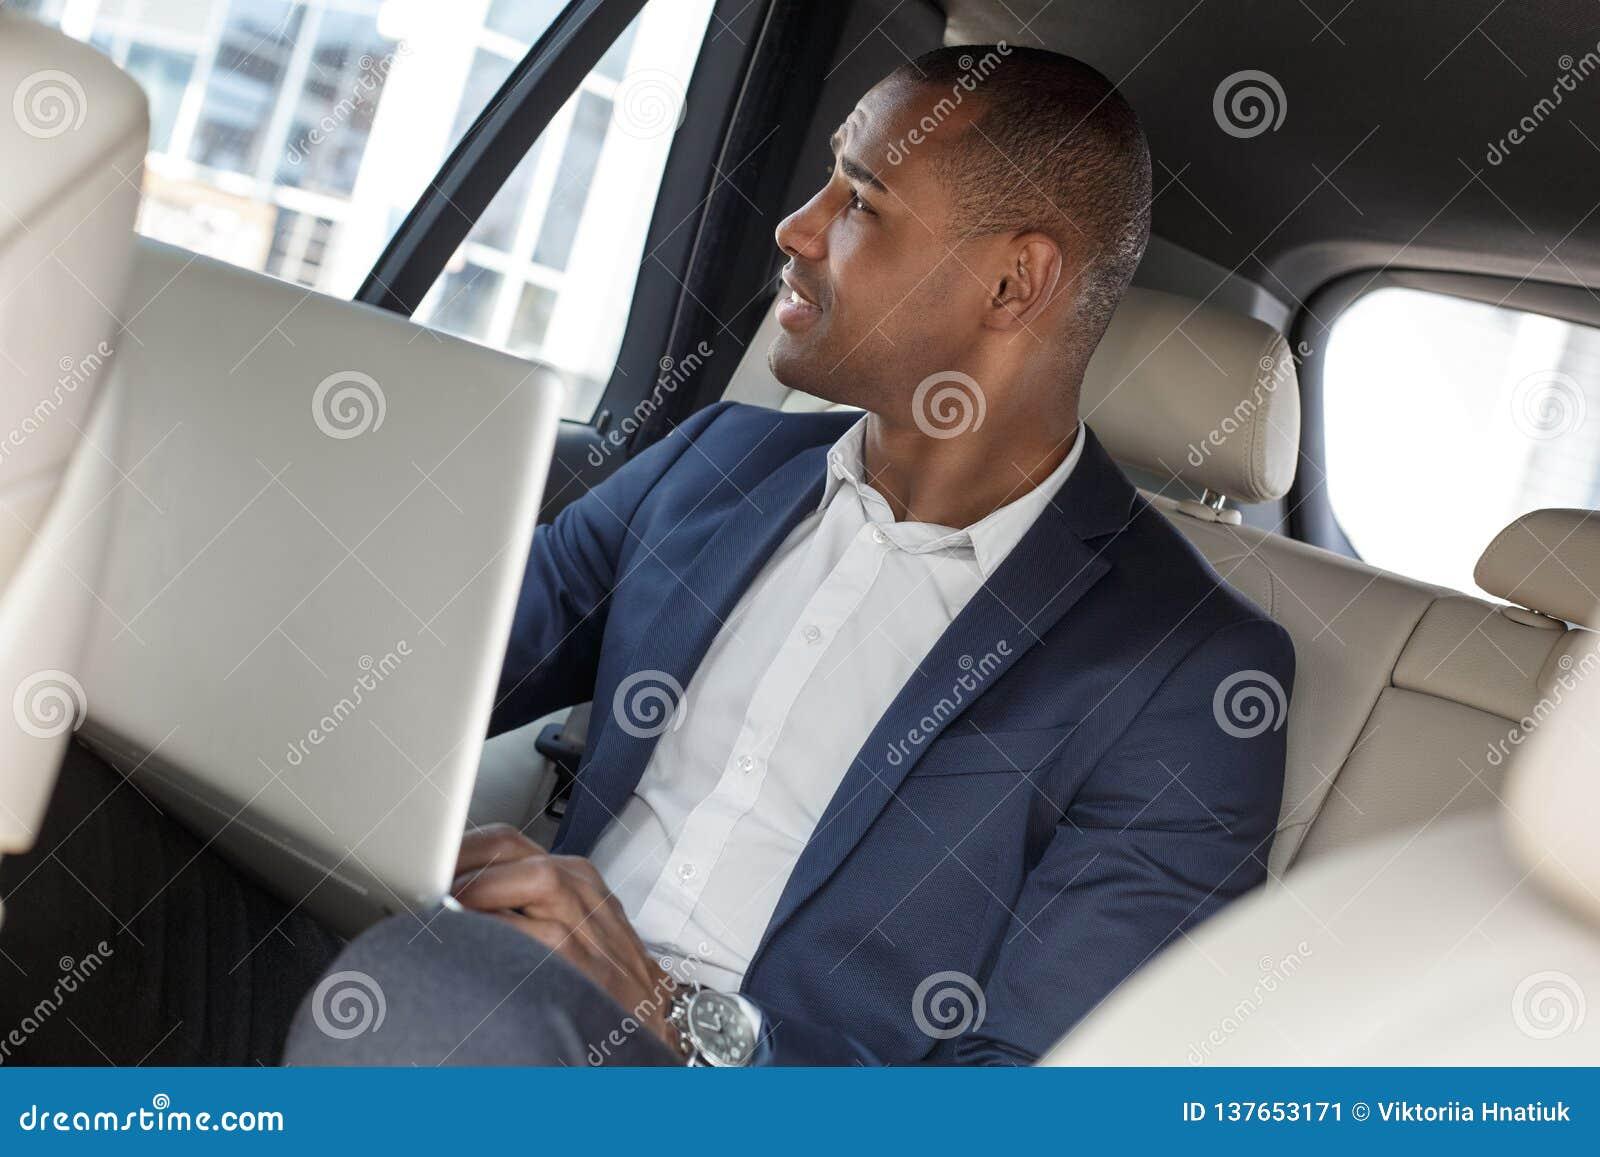 Молодой бизнесмен сидя на заднем сидении в деятельности автомобиля на ноутбуке смотря вне окно внимательное